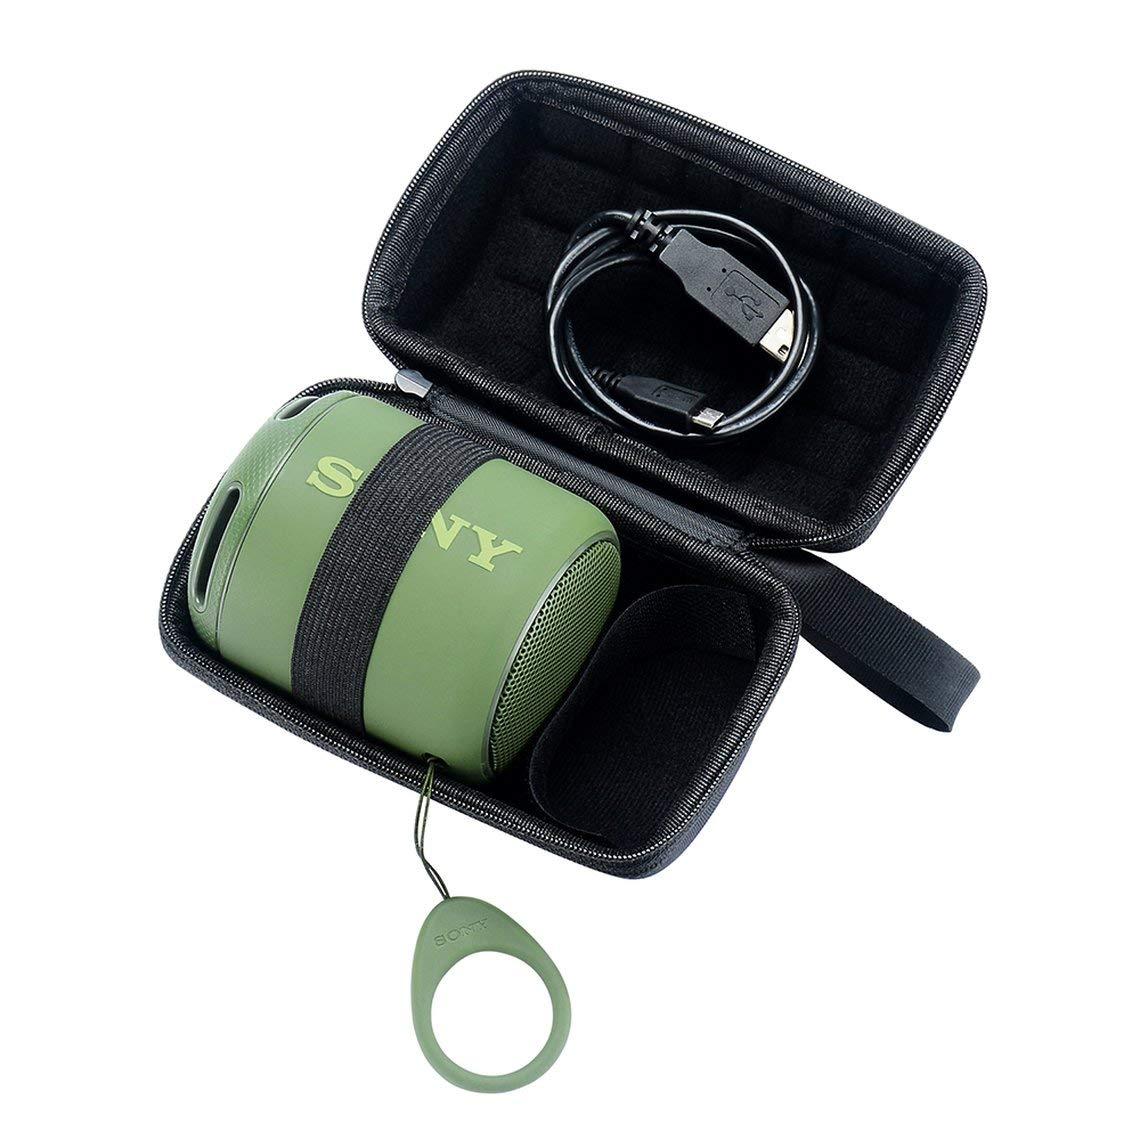 Zinniaya Cas de Haut-Parleur sans Fil Portable Mini-Choc pour Sony SRS-XB10 Haut-Parleur Housse de Transport sans Fil Haut-parleurs Sac